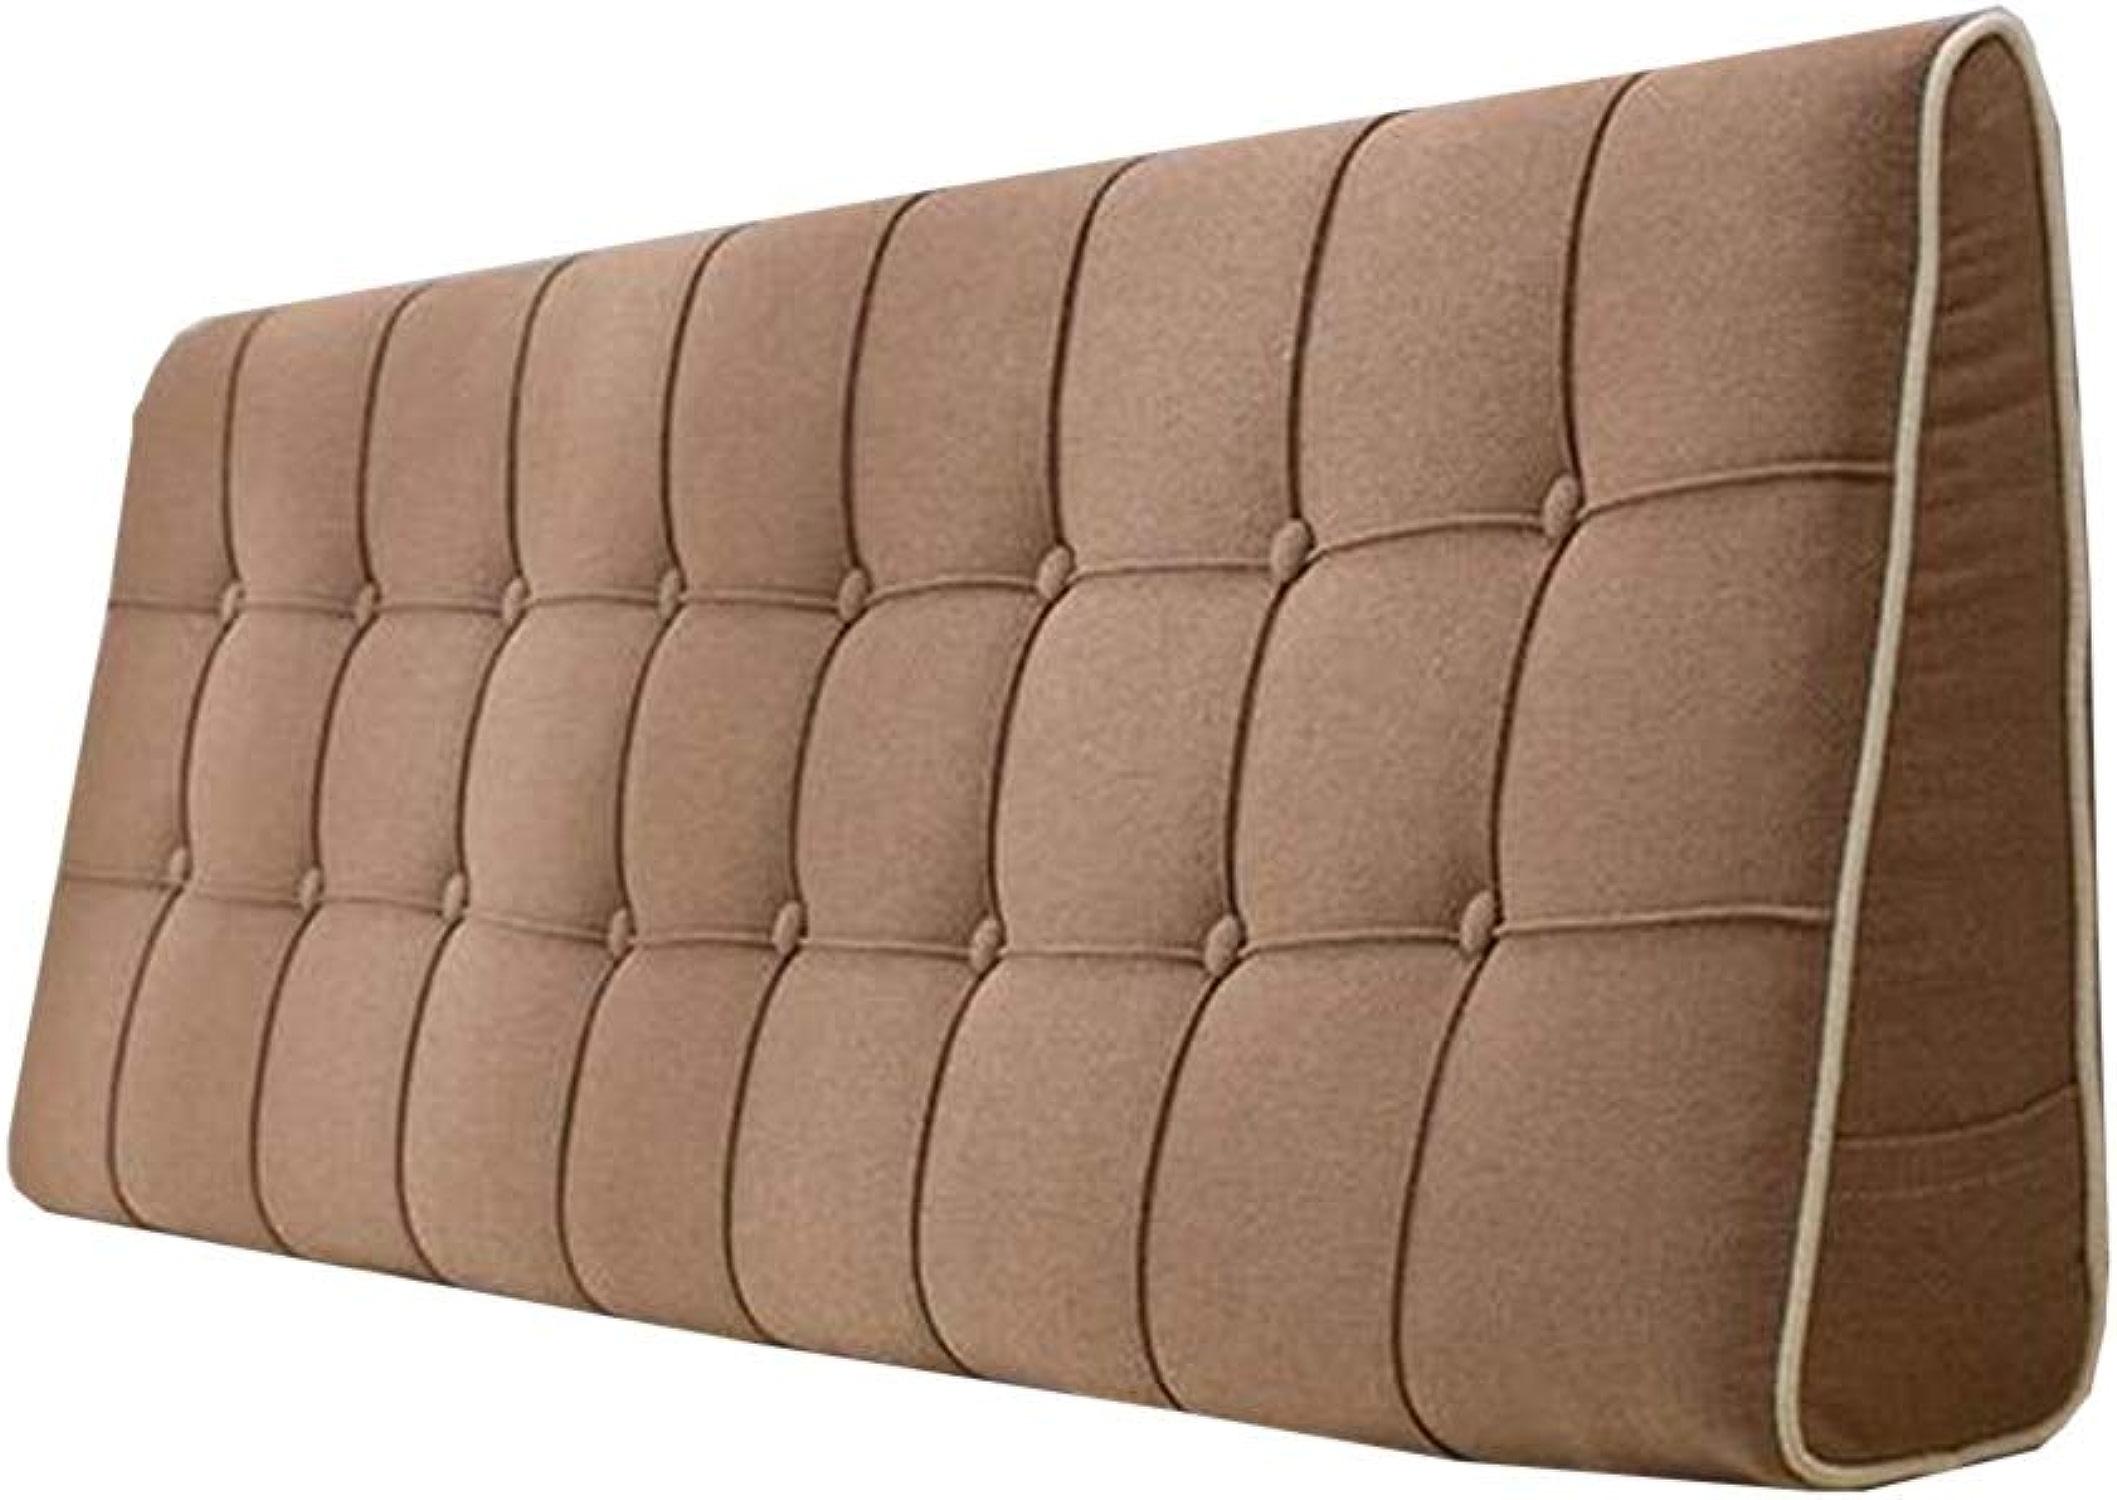 Coussins d'oreiller de lit Lit Softsac Support lombaire amovible et lavable, 3 couleurs, 8 tailles (Couleur   marron, taille   180  50  15cm)